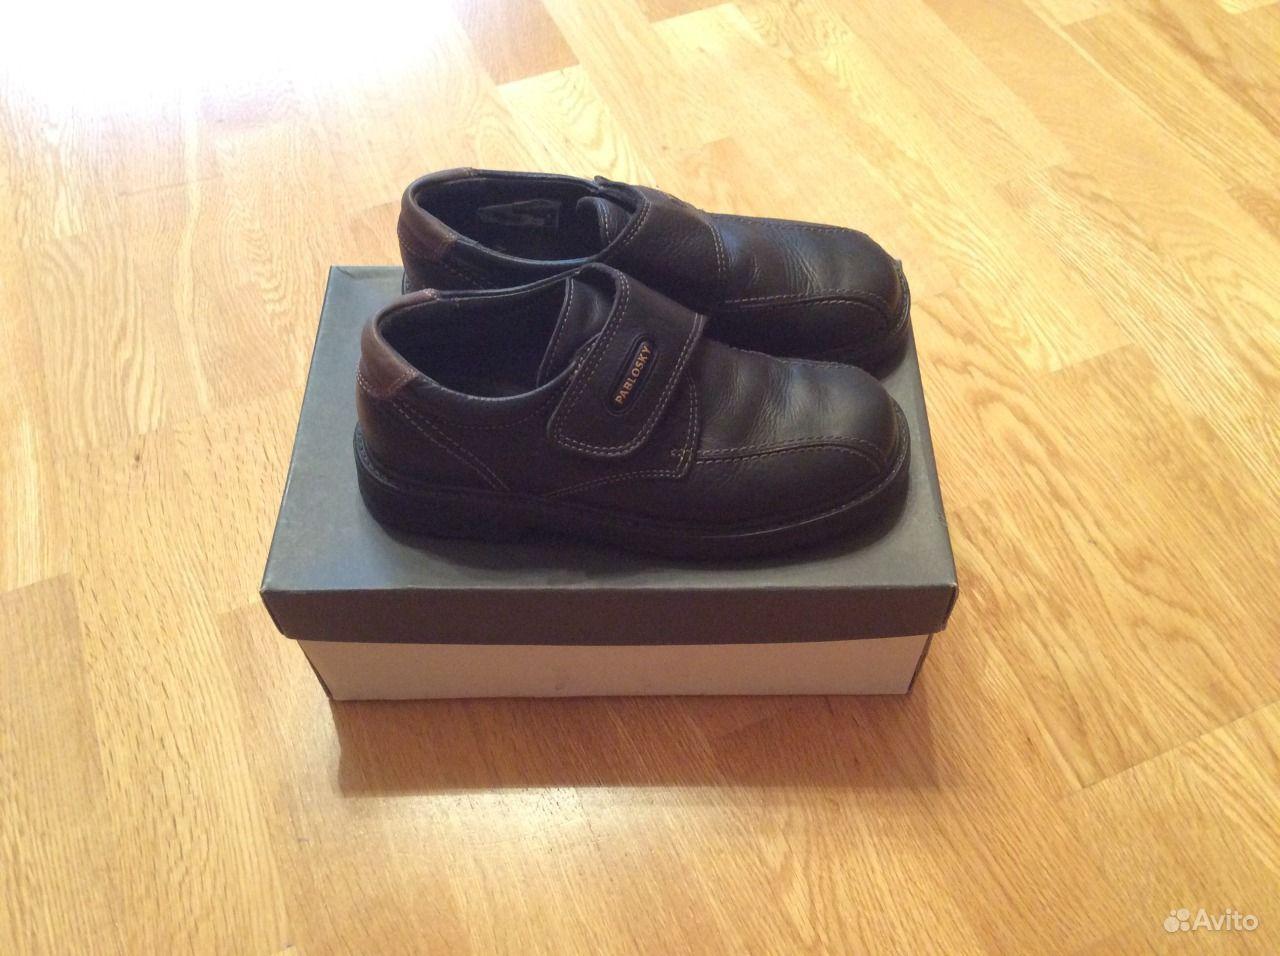 Обувь сказка оптом от производителя